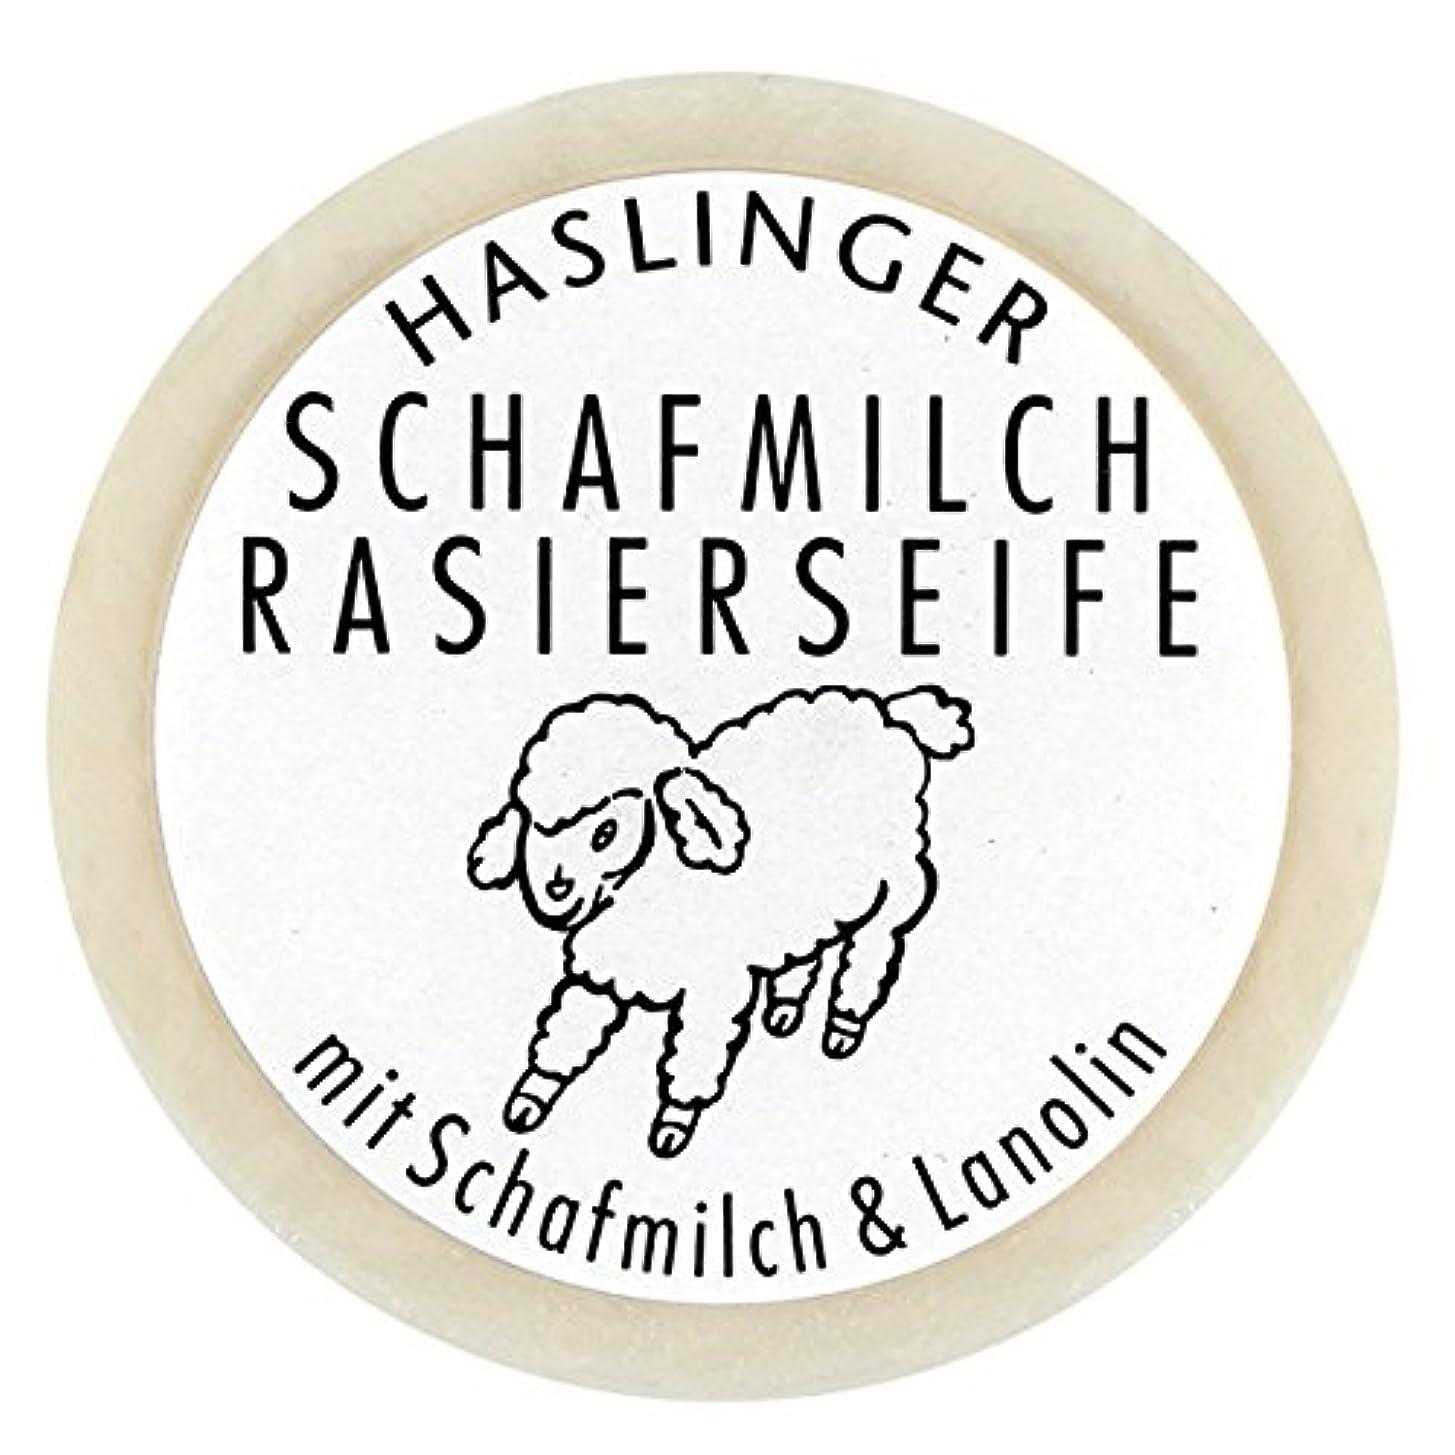 ポット本体地上でSchafmilch Rasierseife (Ewe`s Milk Shave Soap) 60g soap bar by Haslinger by Haslinger